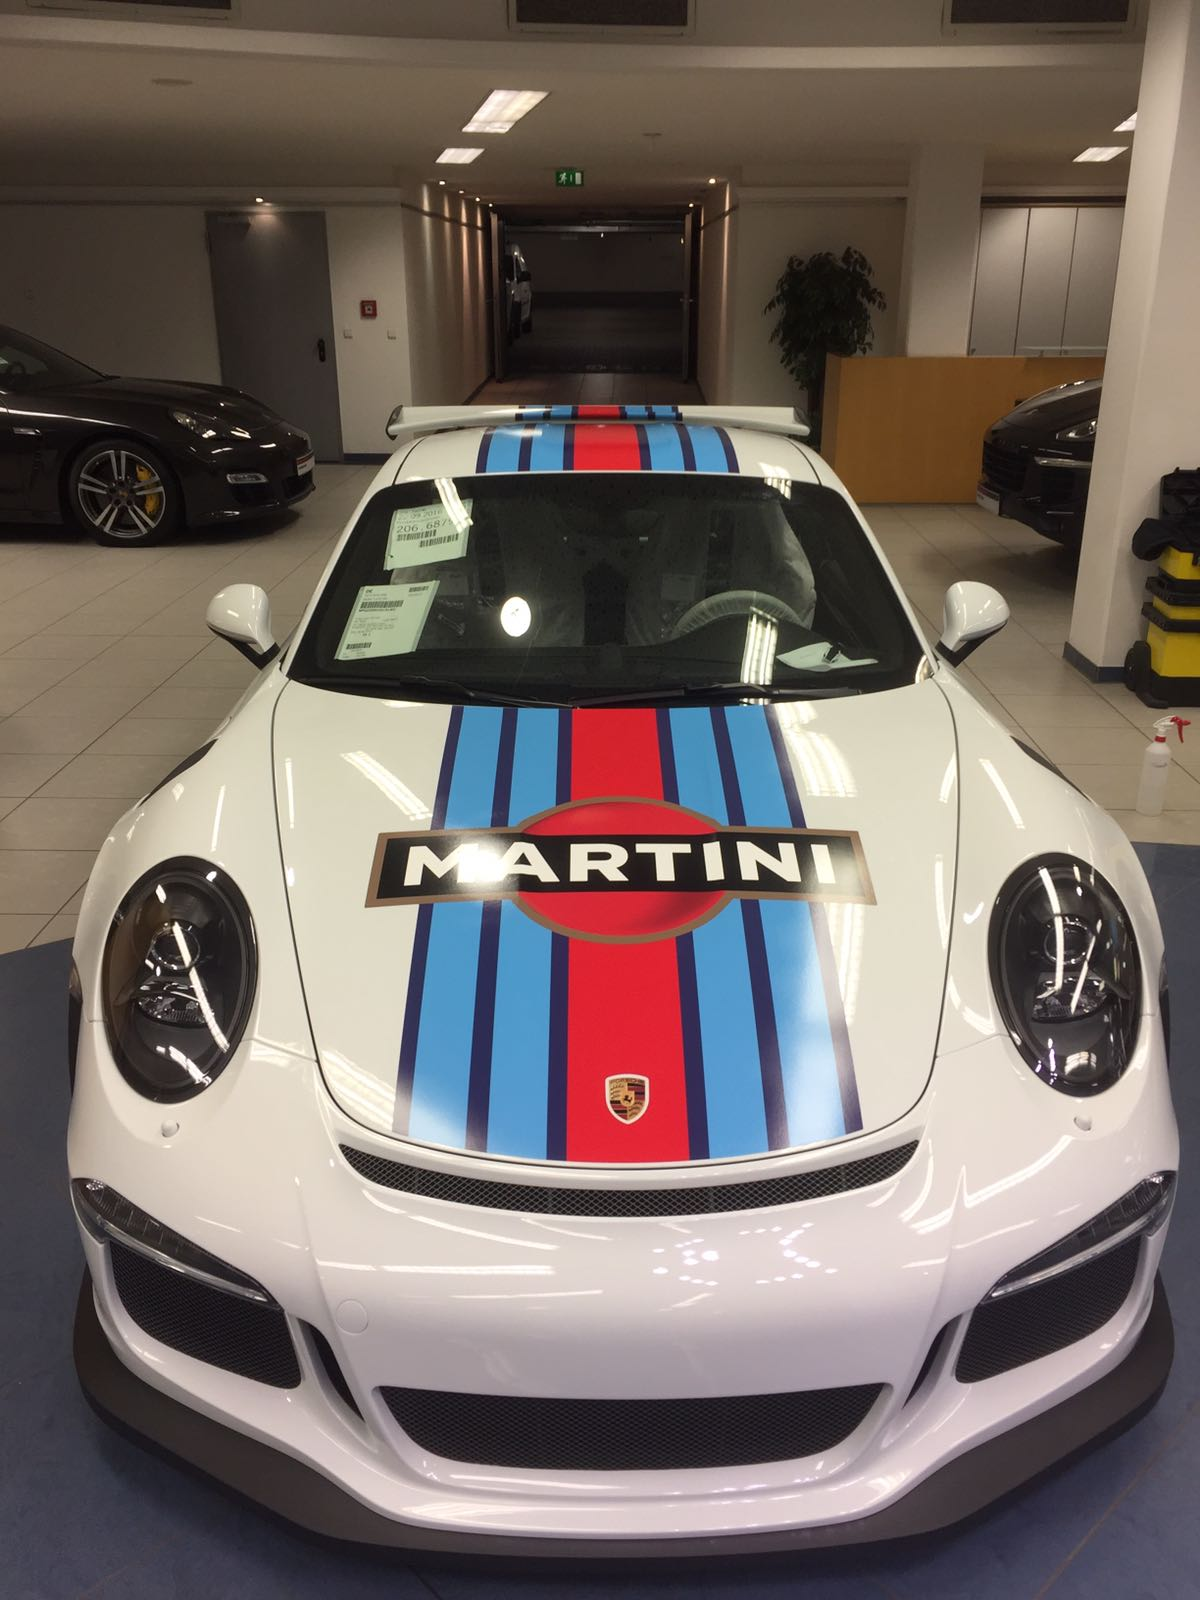 Porsche_gt3_rs_martini_streifen3